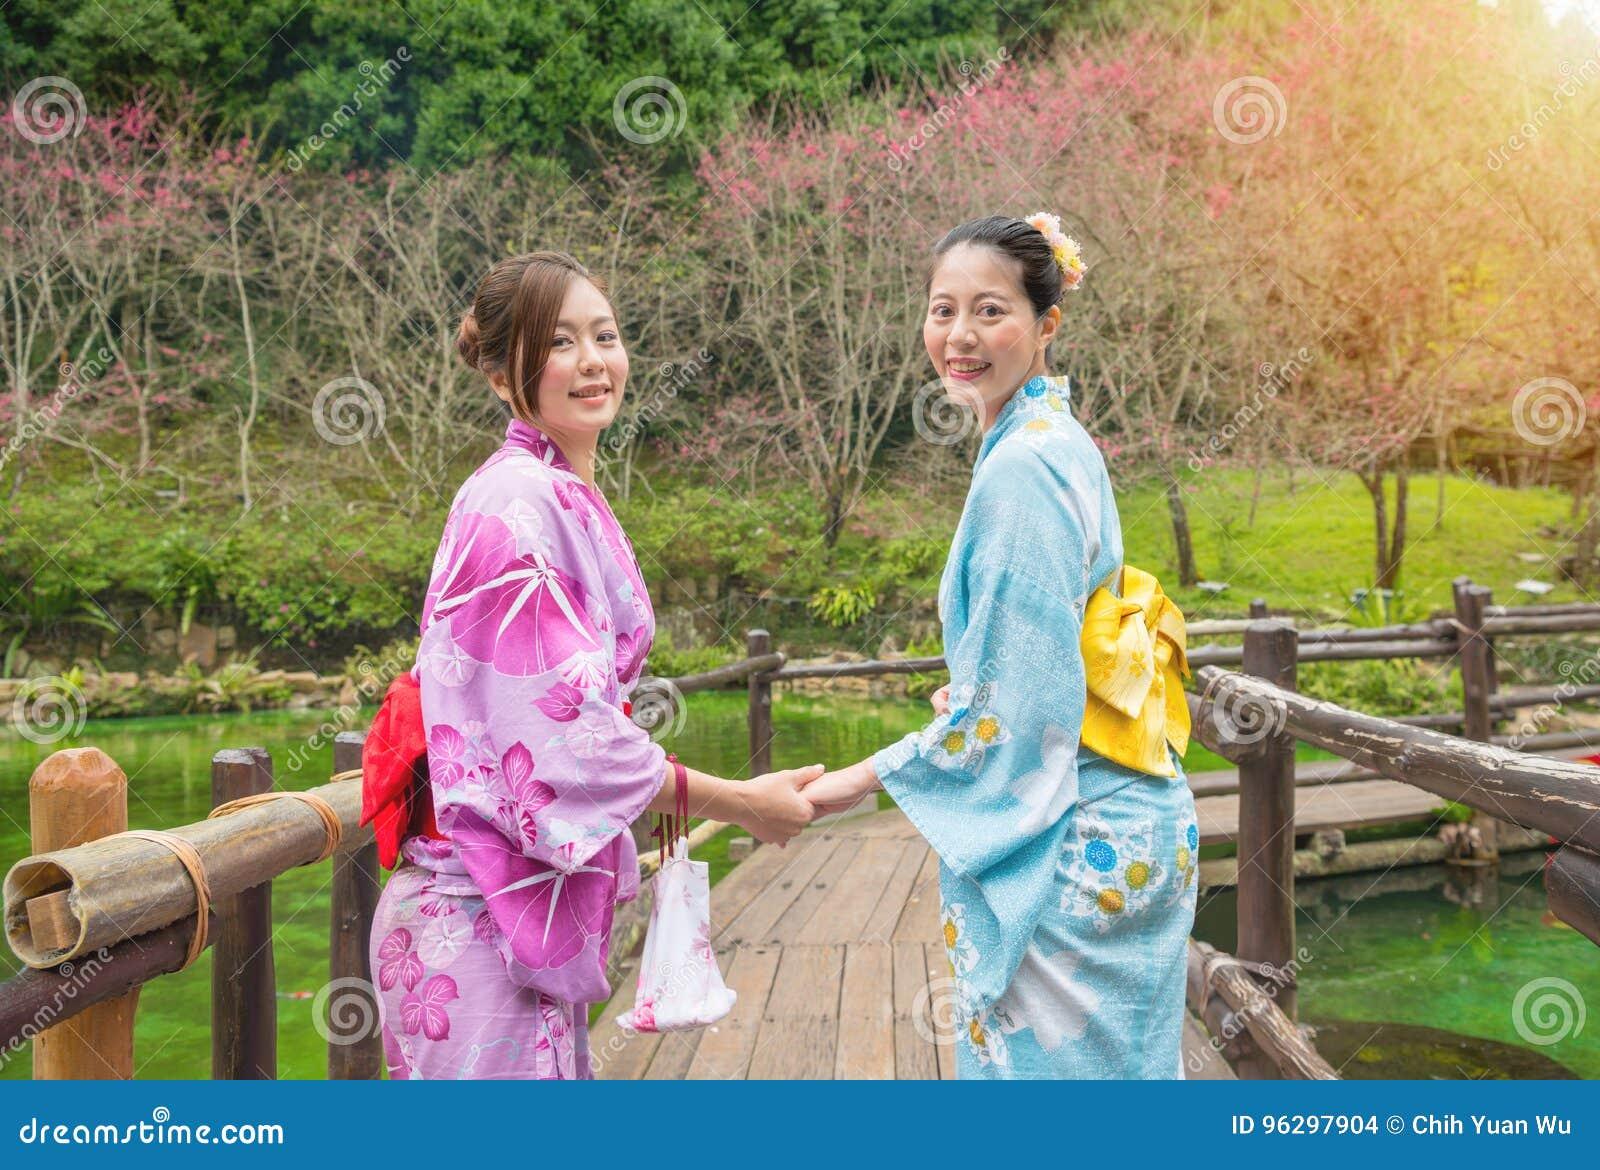 japanese girl friends